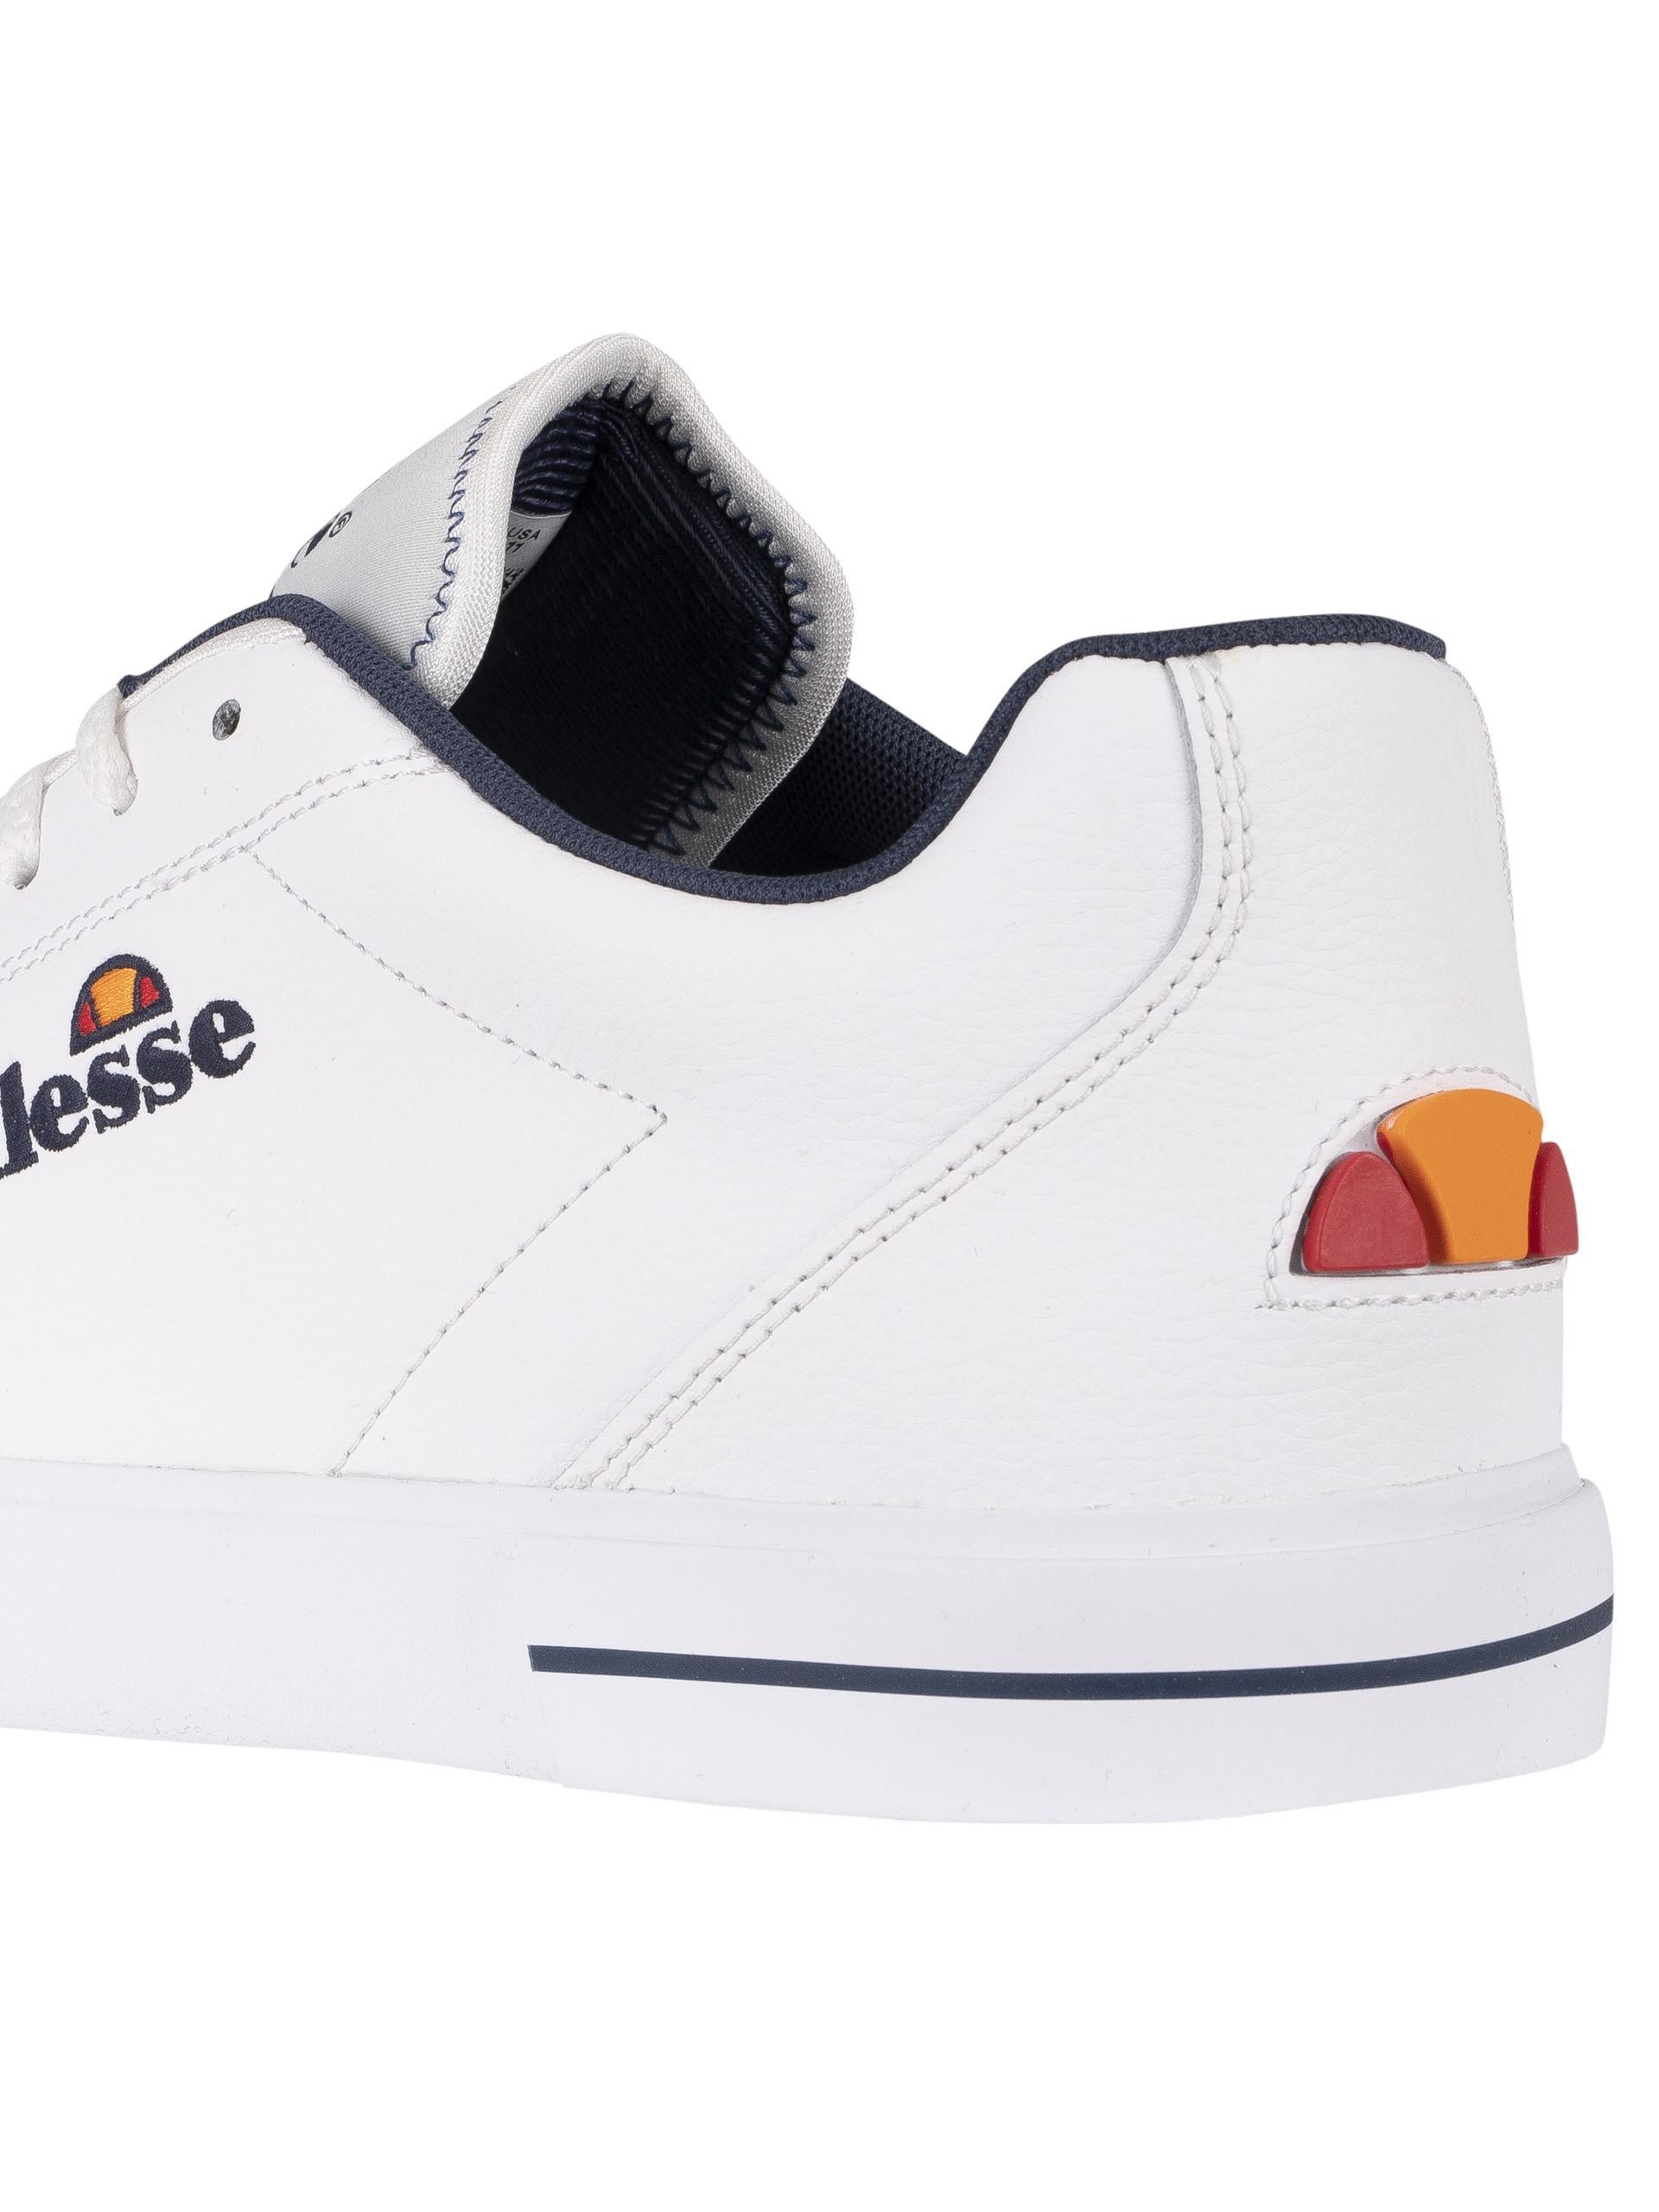 Ellesse Taggia Lthr Mens Shoes